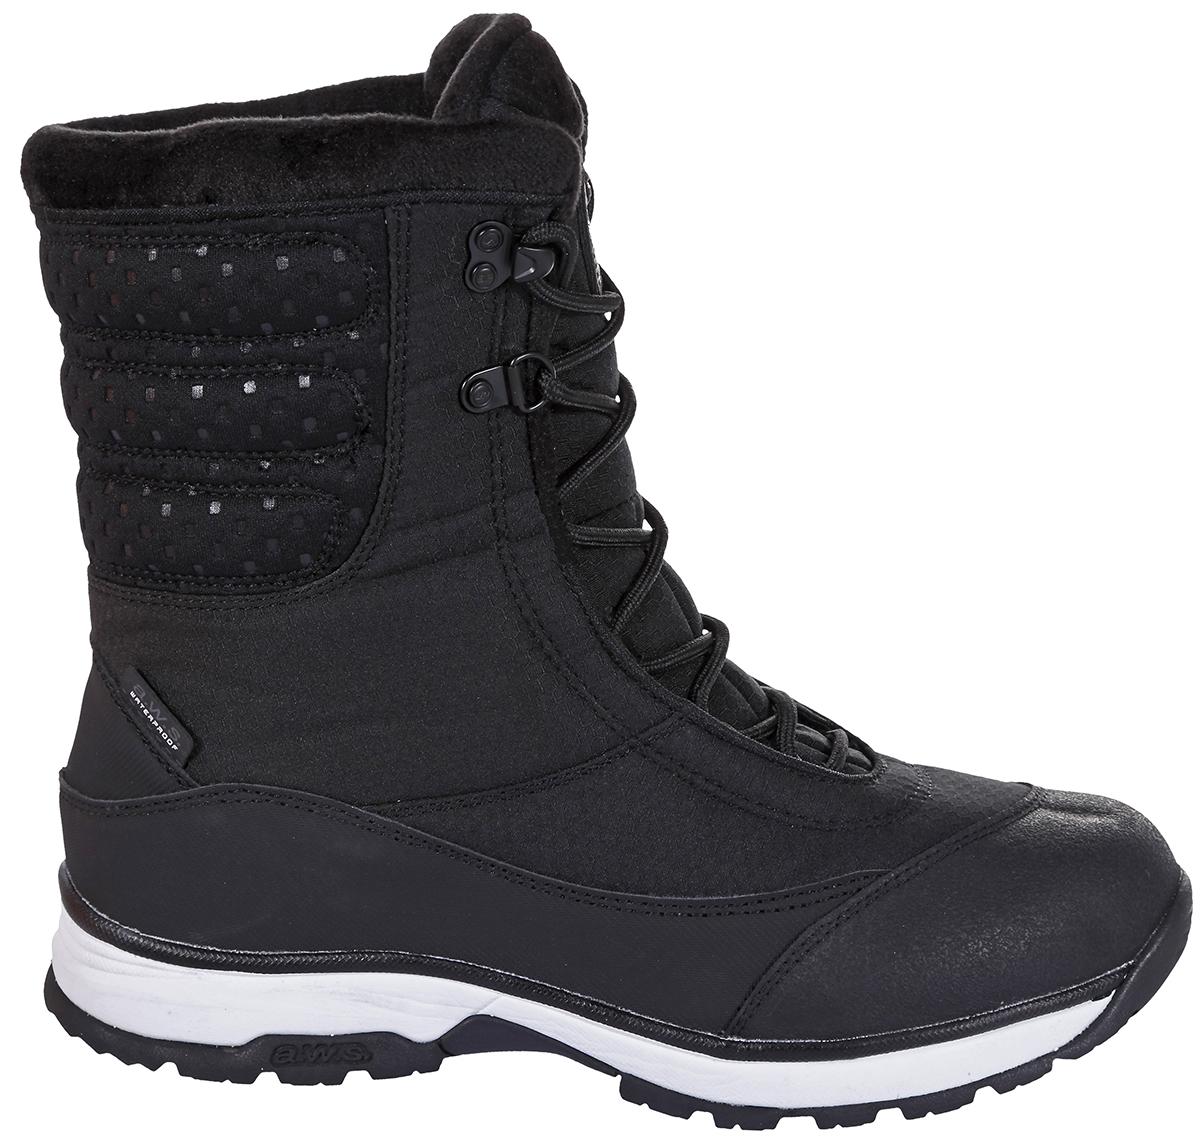 Ботинки женские Icepeak, цвет: черный. 875224100IV_990. Размер 39 (38)875224100IV_990